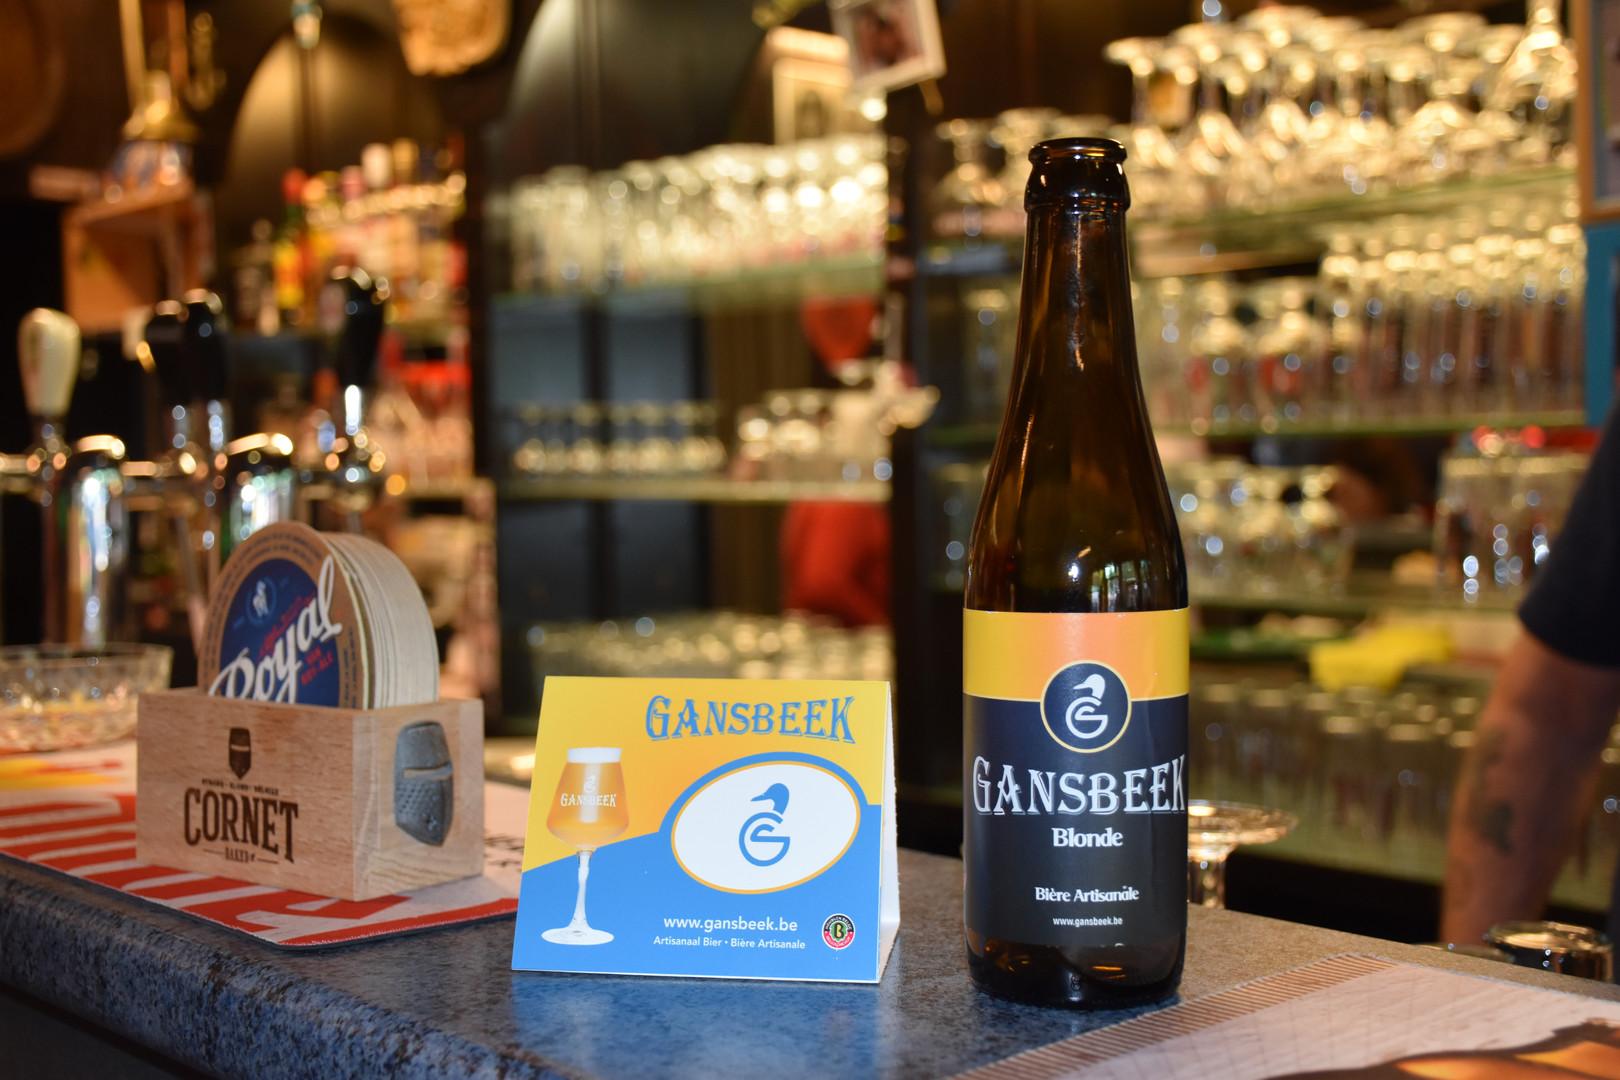 Bière du quartier Gansbeek.JPG